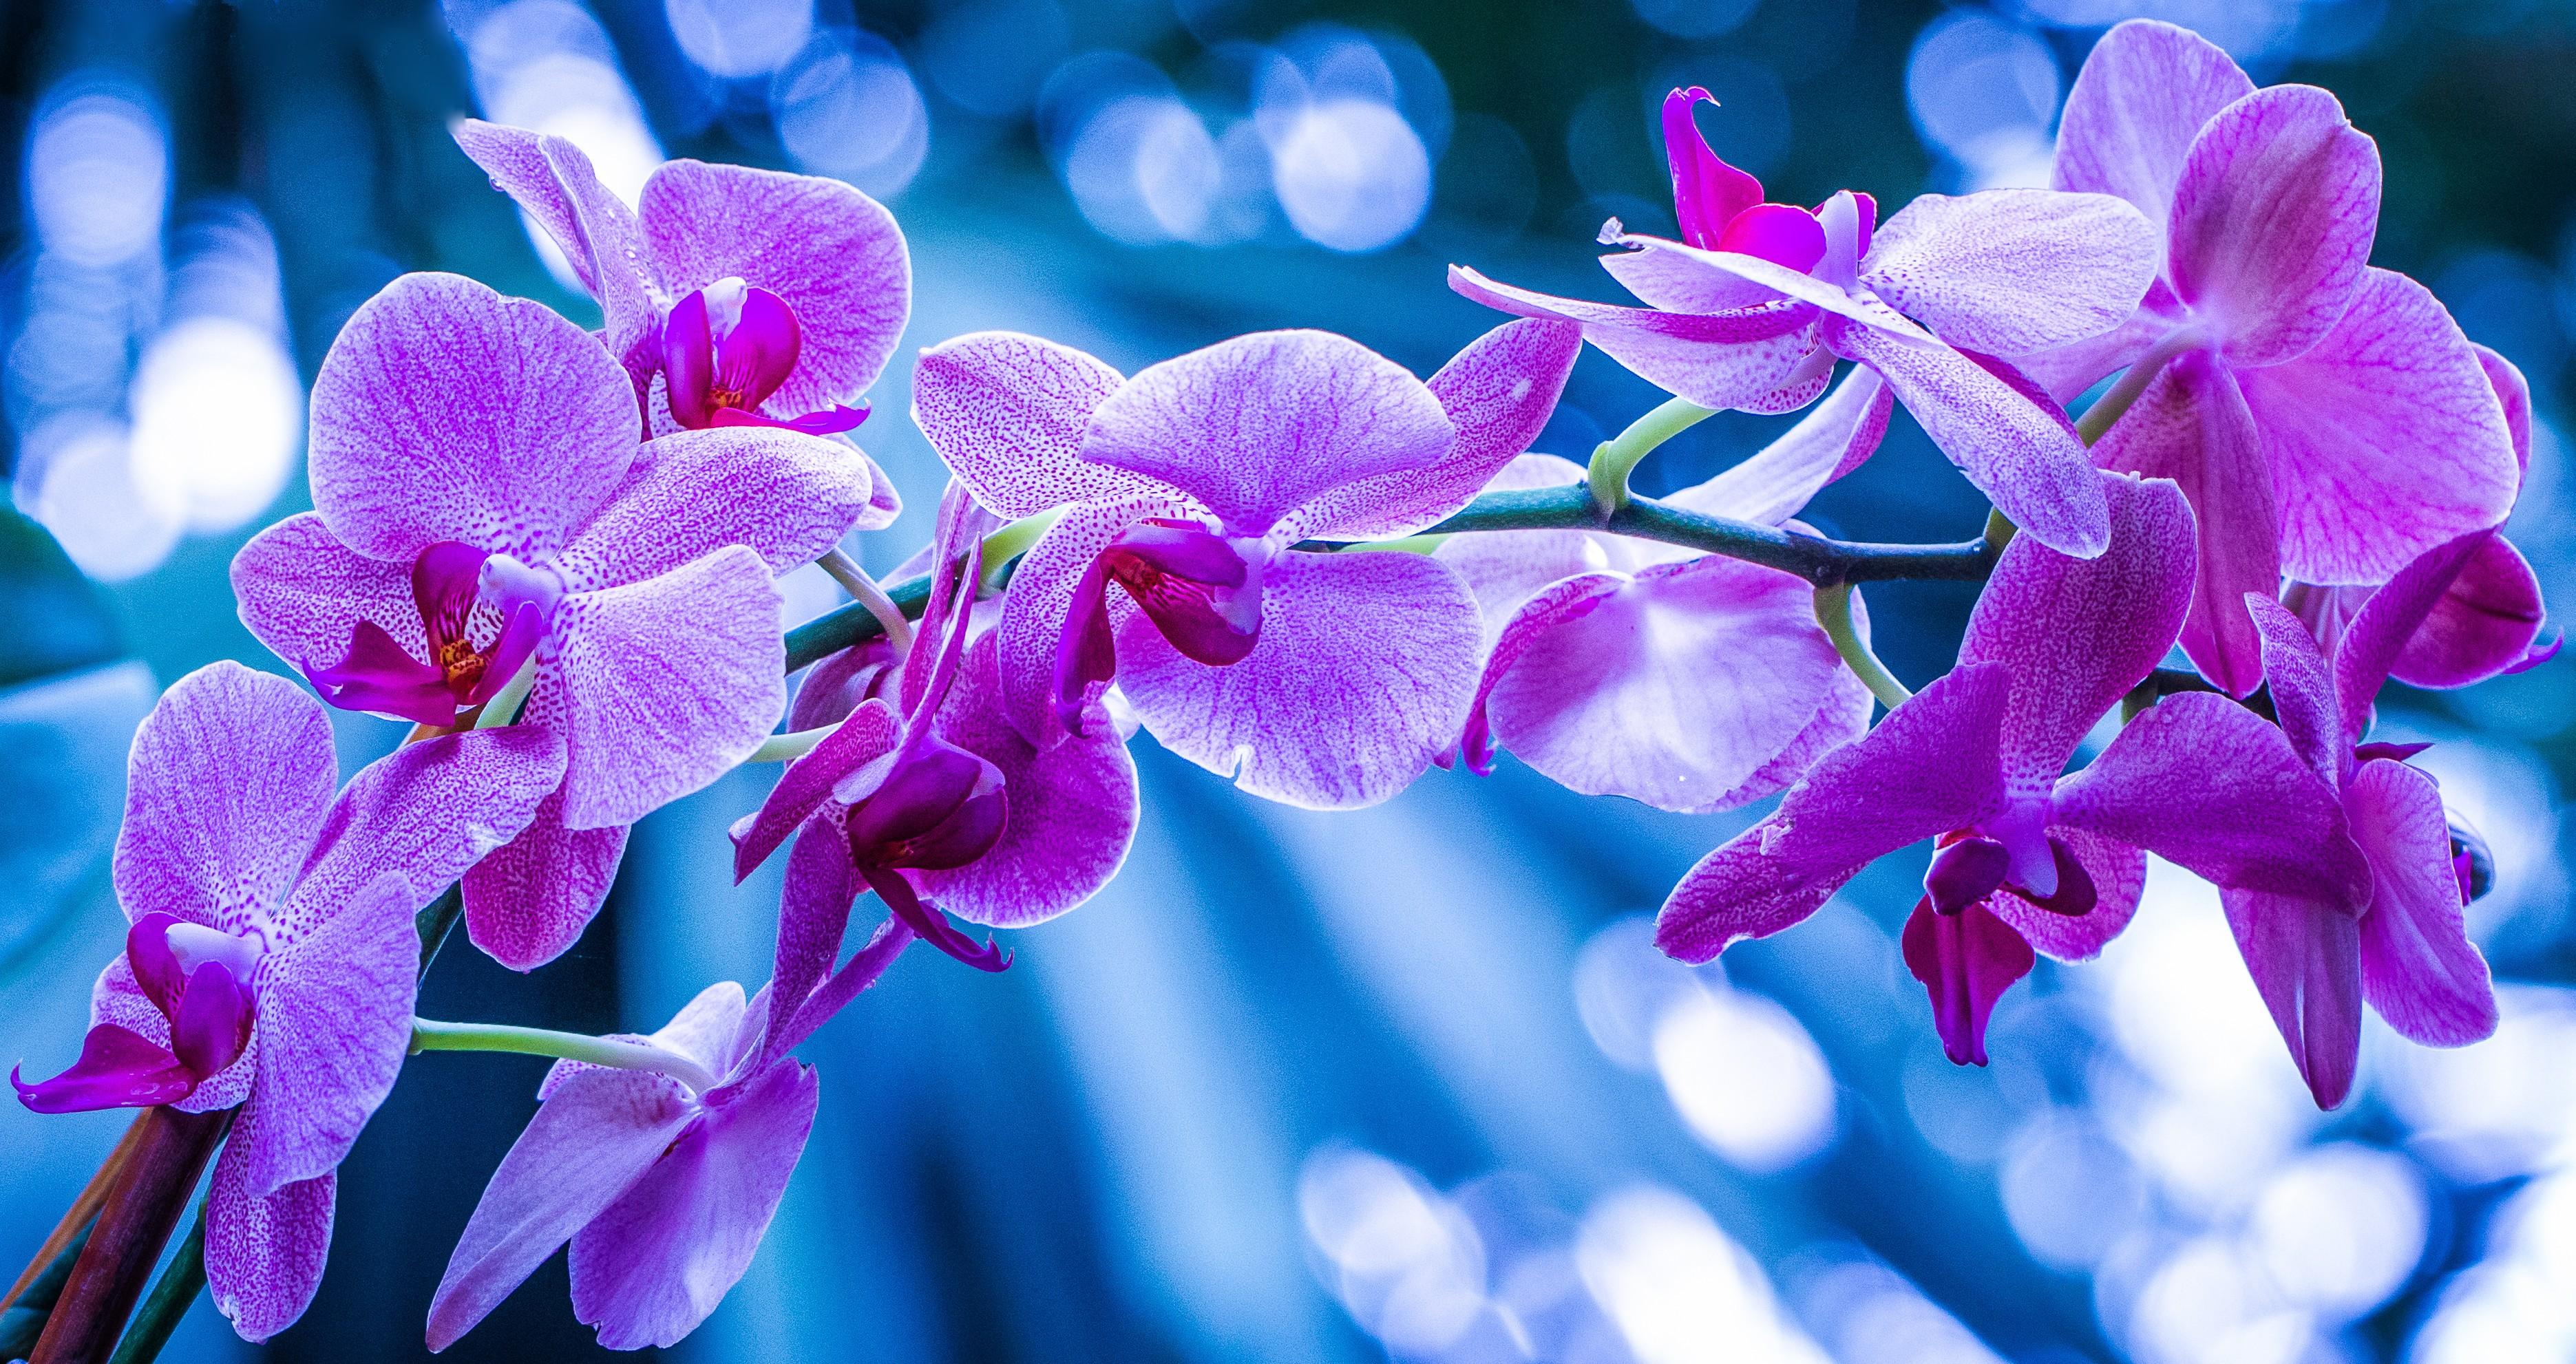 чумы истребляли картинки для рабочего стола цветы орхидеи это смесь мелко